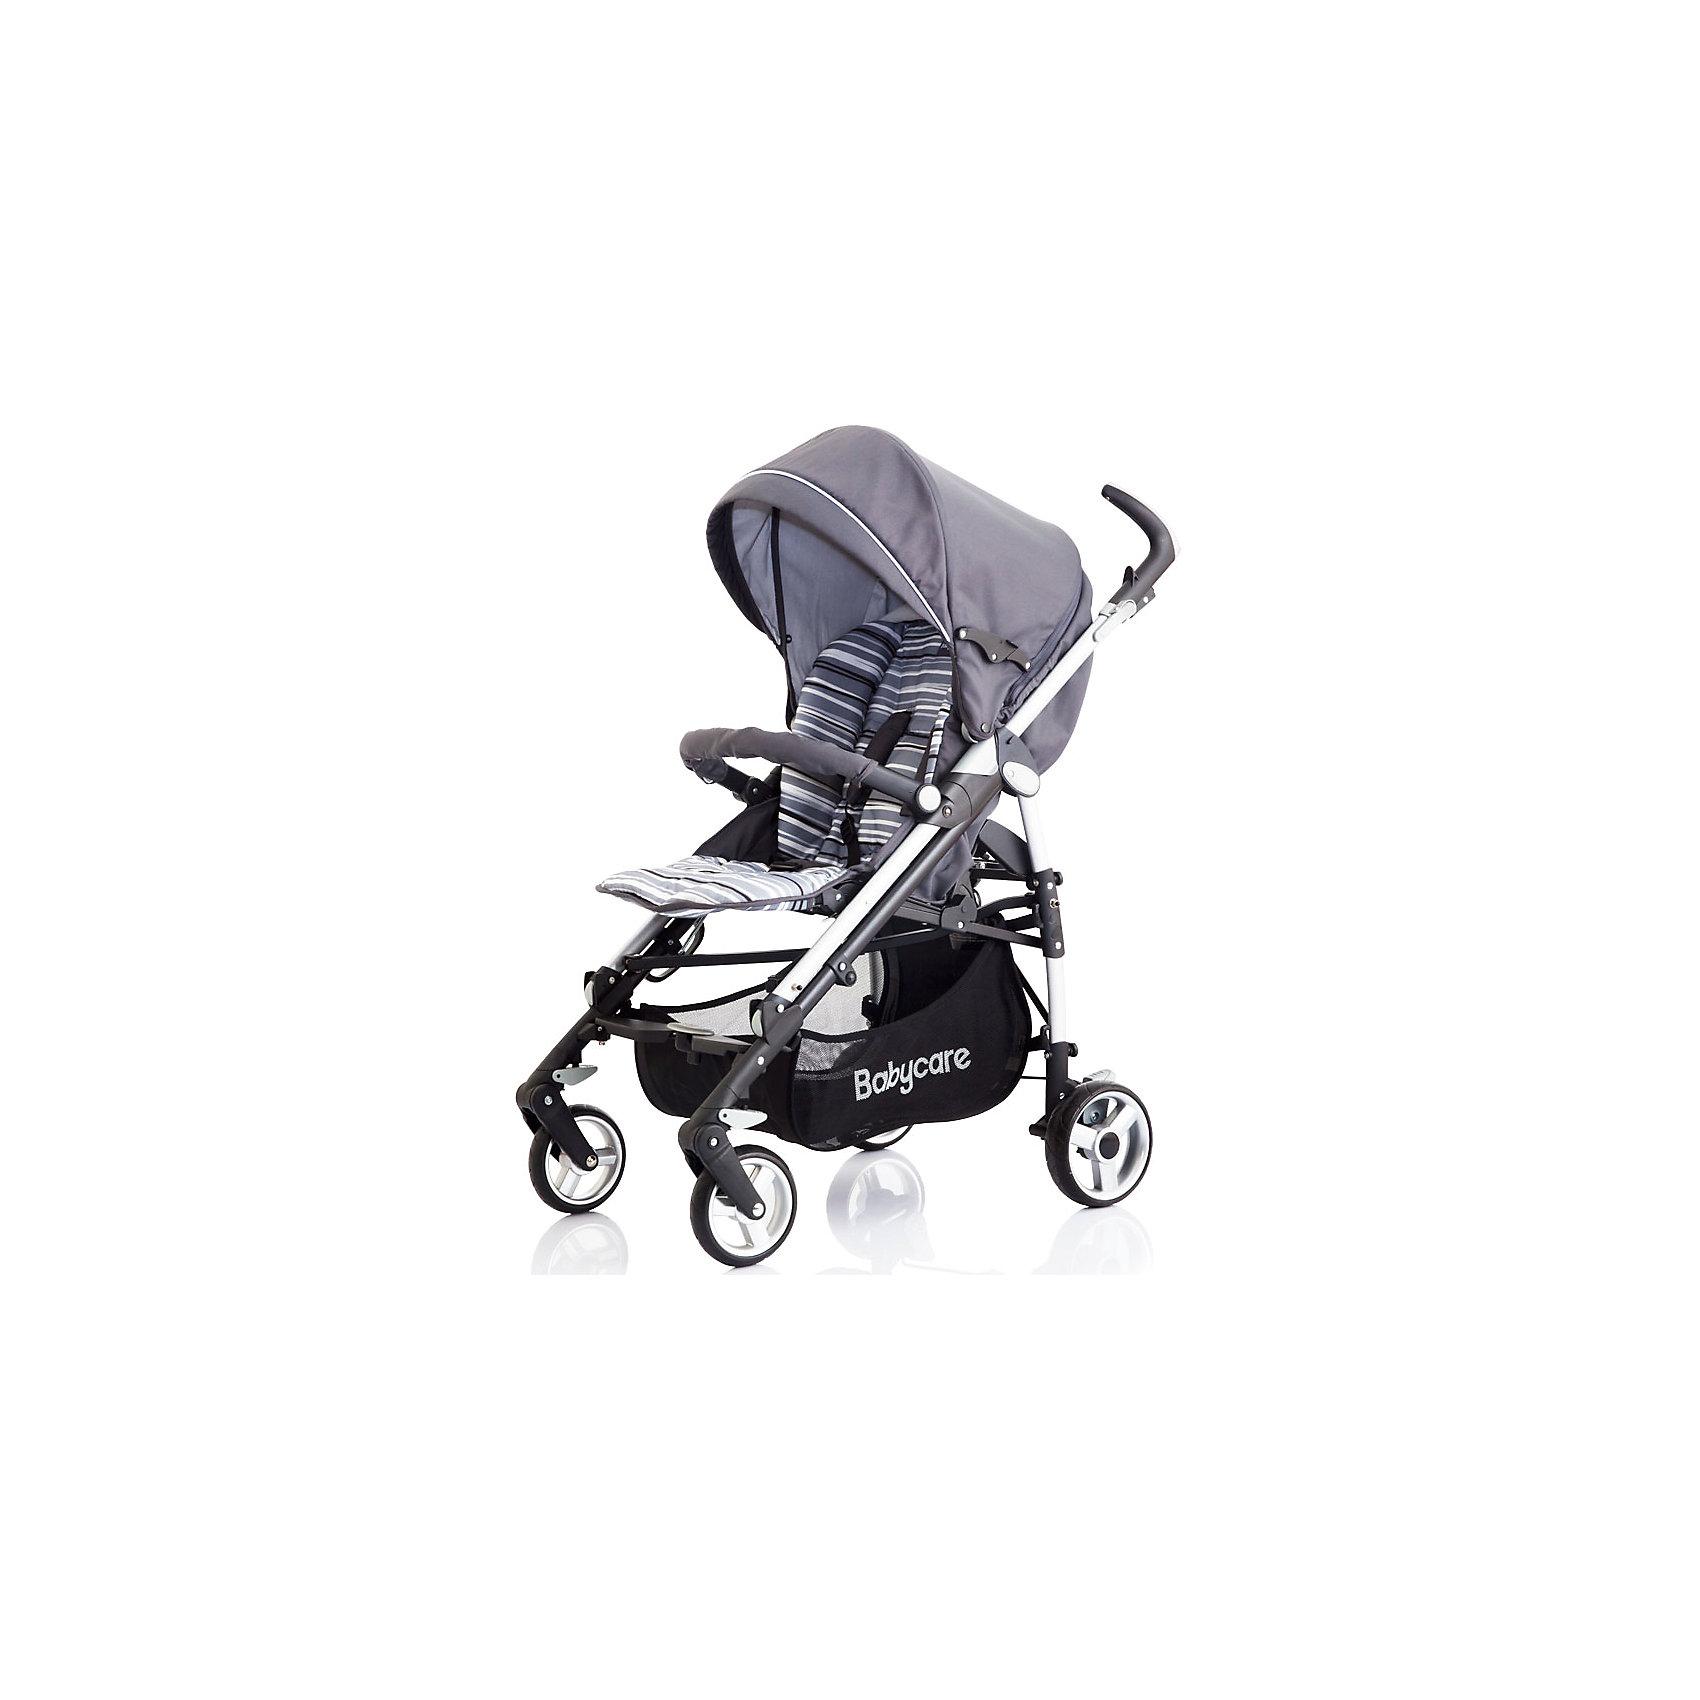 Коляска-трость GT4, Baby Care, серыйХарактеристики коляски-трости Baby Care GT4:<br><br>• спинка коляски регулируется в 3-х положениях, угол наклона почти 170 градусов;<br>• подножка регулируется в 2-х положениях, удлиняет спальное место;<br>• 5-ти точечные ремни безопасности;<br>• глубокий капюшон с дополнительной секцией опускается до бампера;<br>• капюшон оснащен солнцезащитным козырьком со светоотражающей накладкой;<br>• на задней стороне капюшона есть кармашек для мелочей;<br>• съемный бампер с мягкой накладкой;<br>• корзина для покупок;<br>• материал: пластик, полиэстер;<br>• размер коляски в разложенном виде: 103х51х87 см;<br>• размер коляски в сложенном виде: 99х31х29 см;<br>• вес коляски: 10,1 кг;<br>• допустимый вес ребенка: до 15 кг.<br><br>Характеристики шасси коляски:<br><br>• механизм складывания: трость;<br>• защита от случайного раскладывания коляски;<br>• одинарные колеса с пружинными подвесками;<br>• передние поворотные с блокировкой;<br>• на задних колесах реечный тормоз;<br>• материал рамы: алюминий;<br>• материал колес: пеноплен (вспененная резина);<br>• диаметр колес: 16 см, 18 см;<br>• ширина колесной базы: 51 см.<br><br>Компактная коляска-трость GT4 предназначена для детей в возрасте от 7 месяцев до 4-х лет. Спинка коляски и подножка регулируются, ребенок может спокойно спать в прогулочном блоке при горизонтально разложенной спинке и подножке коляски. Утепленный чехол на ножки защищает малыша от ветра и непогоды, а глубокий капюшон с дополнительной секцией, раскладывающийся до бампера, скроет кроху от нежелательных глаз, защитит от ветра и солнечных лучей, поможет обустроить уютное гнездышко для сна. <br><br>Комплектация:<br><br>• коляска-трость GT4;<br>• дождевик;<br>• чехол на ножки;<br>• инструкция. <br><br>Коляску-трость GT4 Baby Care, серую можно купить в нашем интернет-магазине.<br><br>Ширина мм: 1040<br>Глубина мм: 350<br>Высота мм: 350<br>Вес г: 12000<br>Возраст от месяцев: 6<br>Возраст до месяцев: 36<br>Пол: Унисекс<br>Возраст: Детск